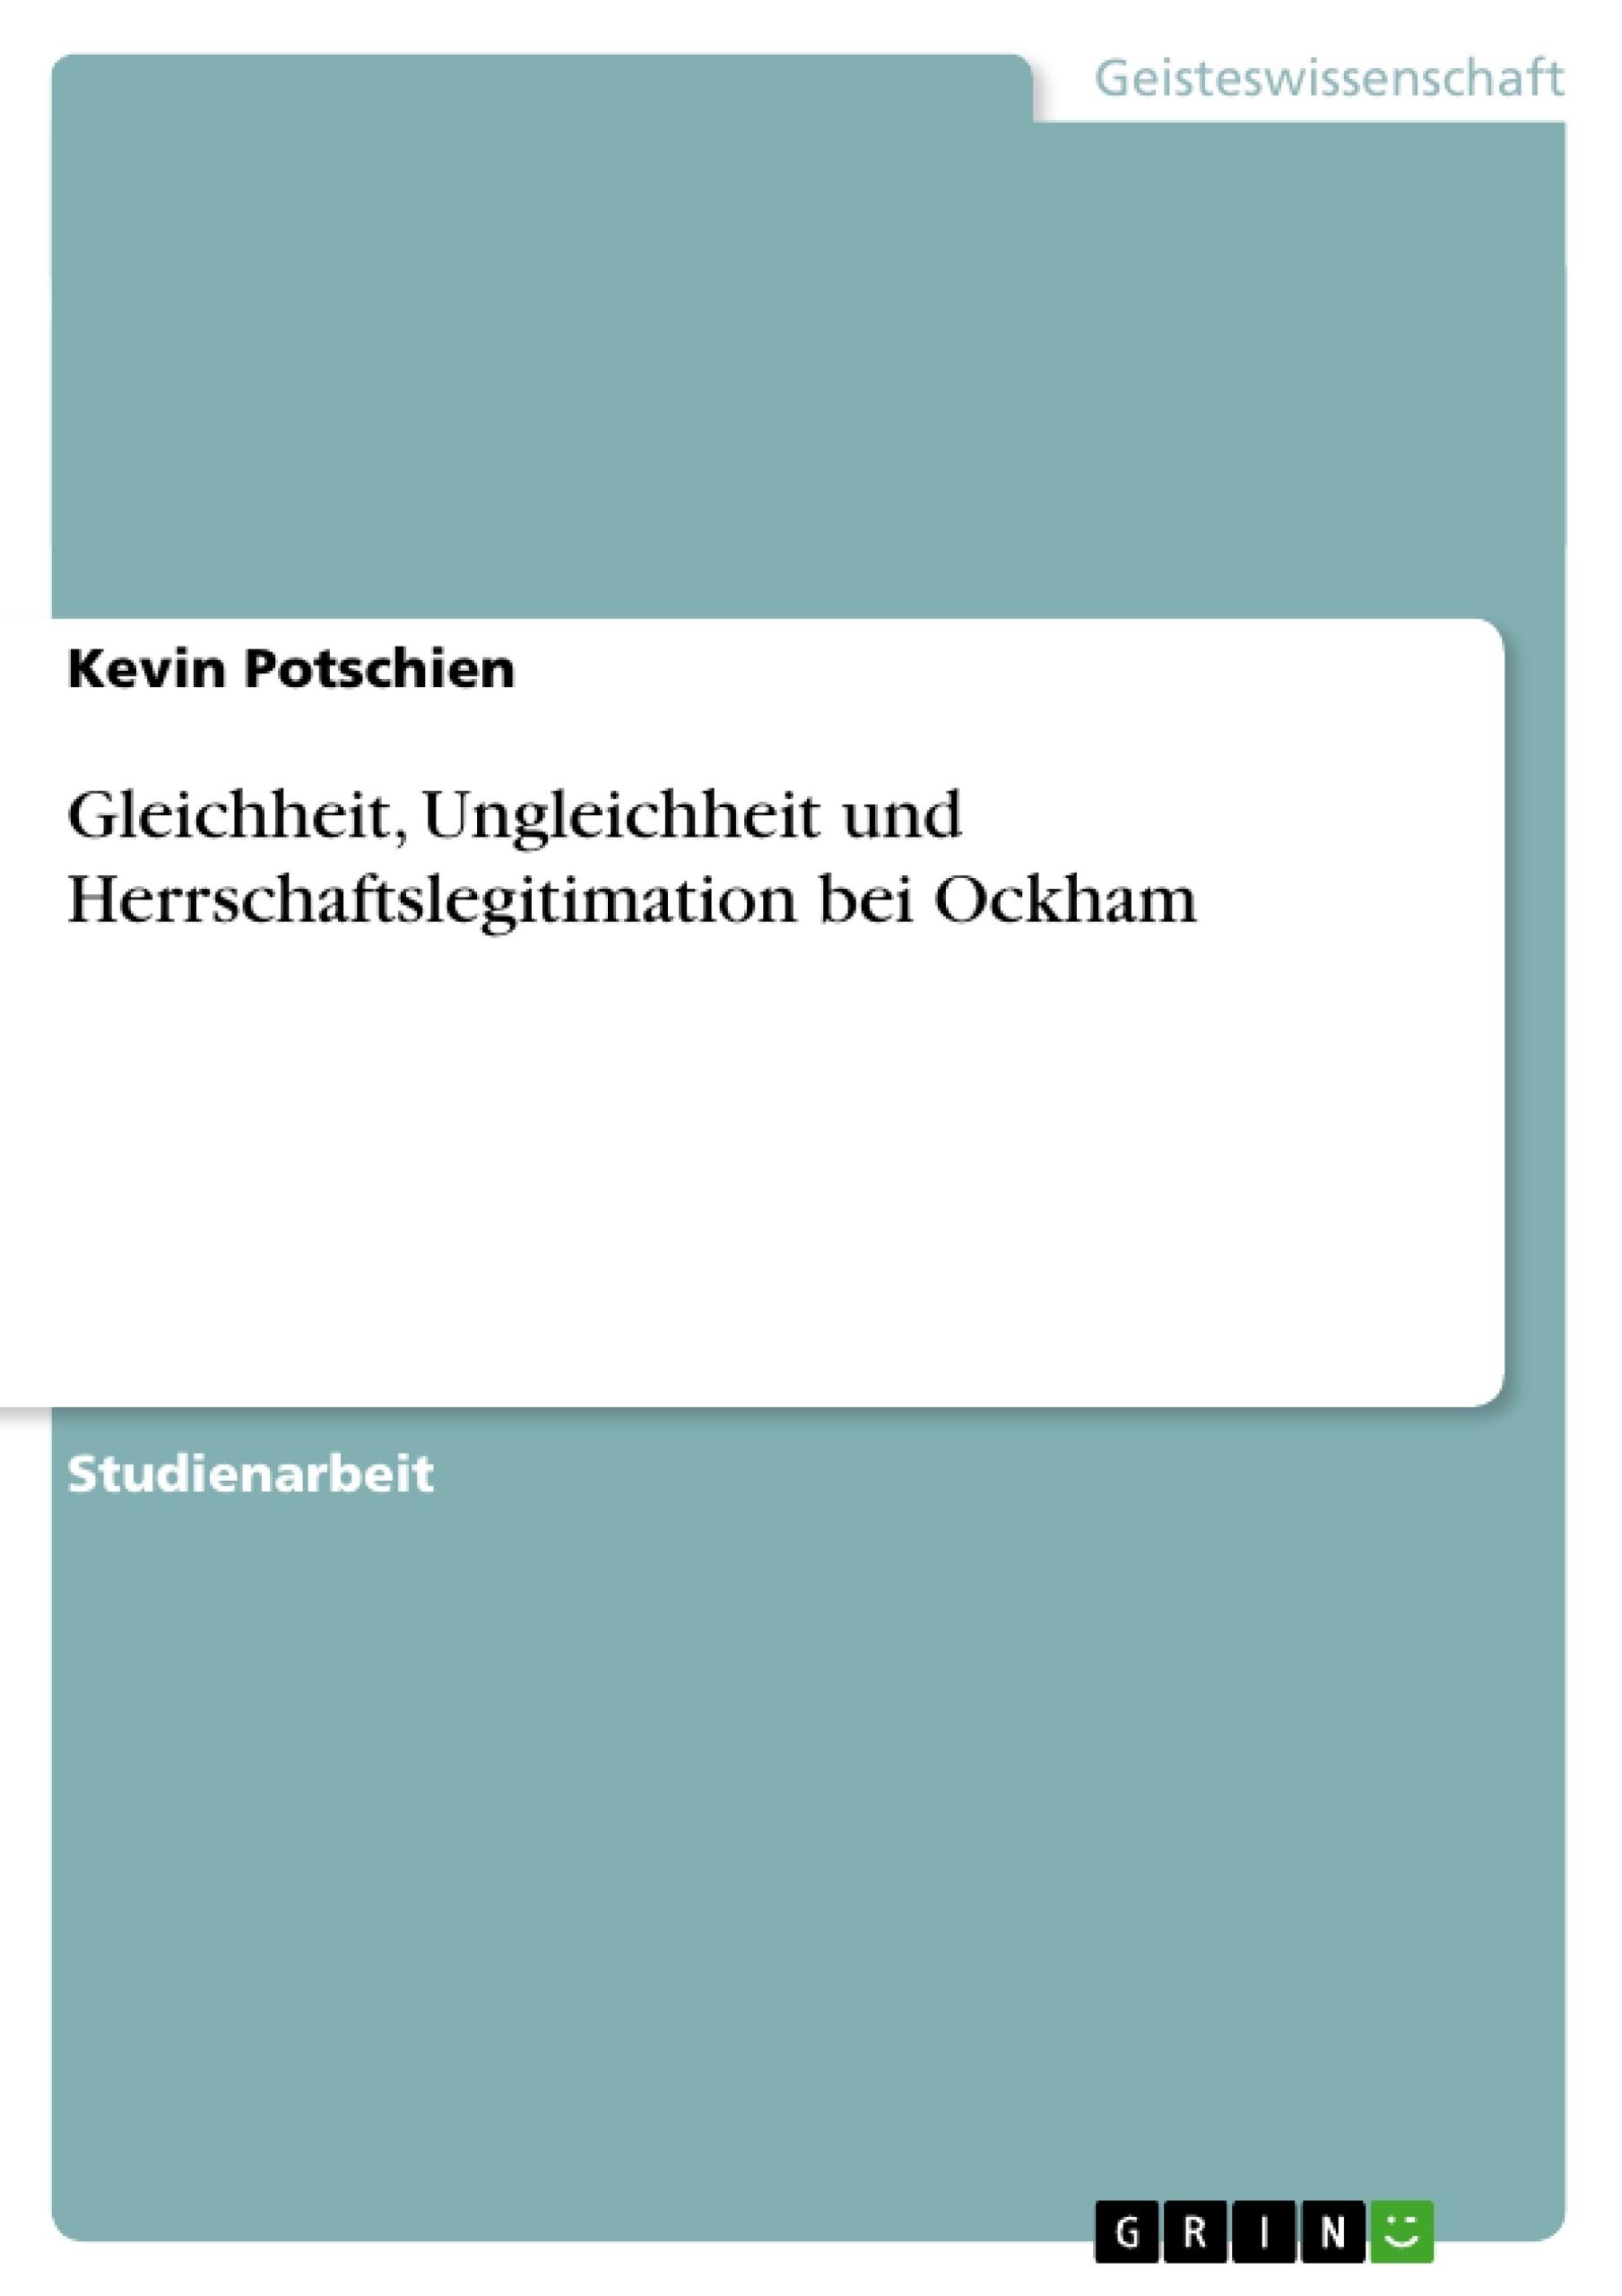 Titel: Gleichheit, Ungleichheit und Herrschaftslegitimation bei Ockham